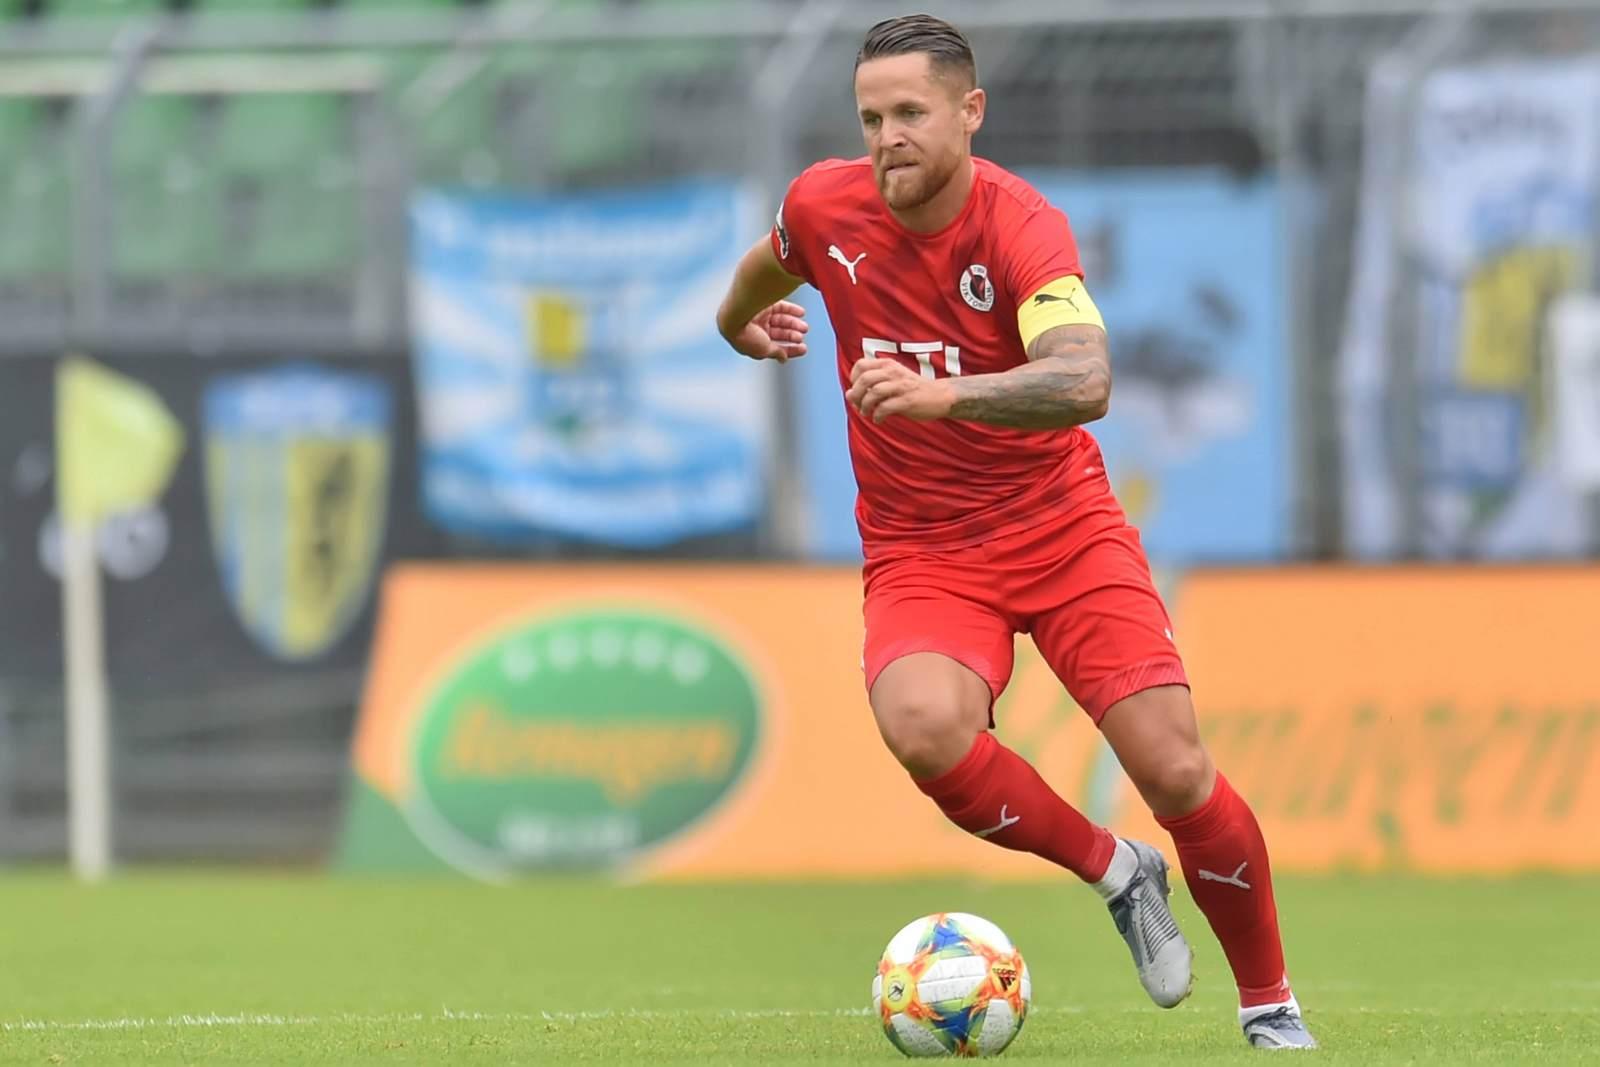 Mike Wunderlich am Ball für Viktoria Köln